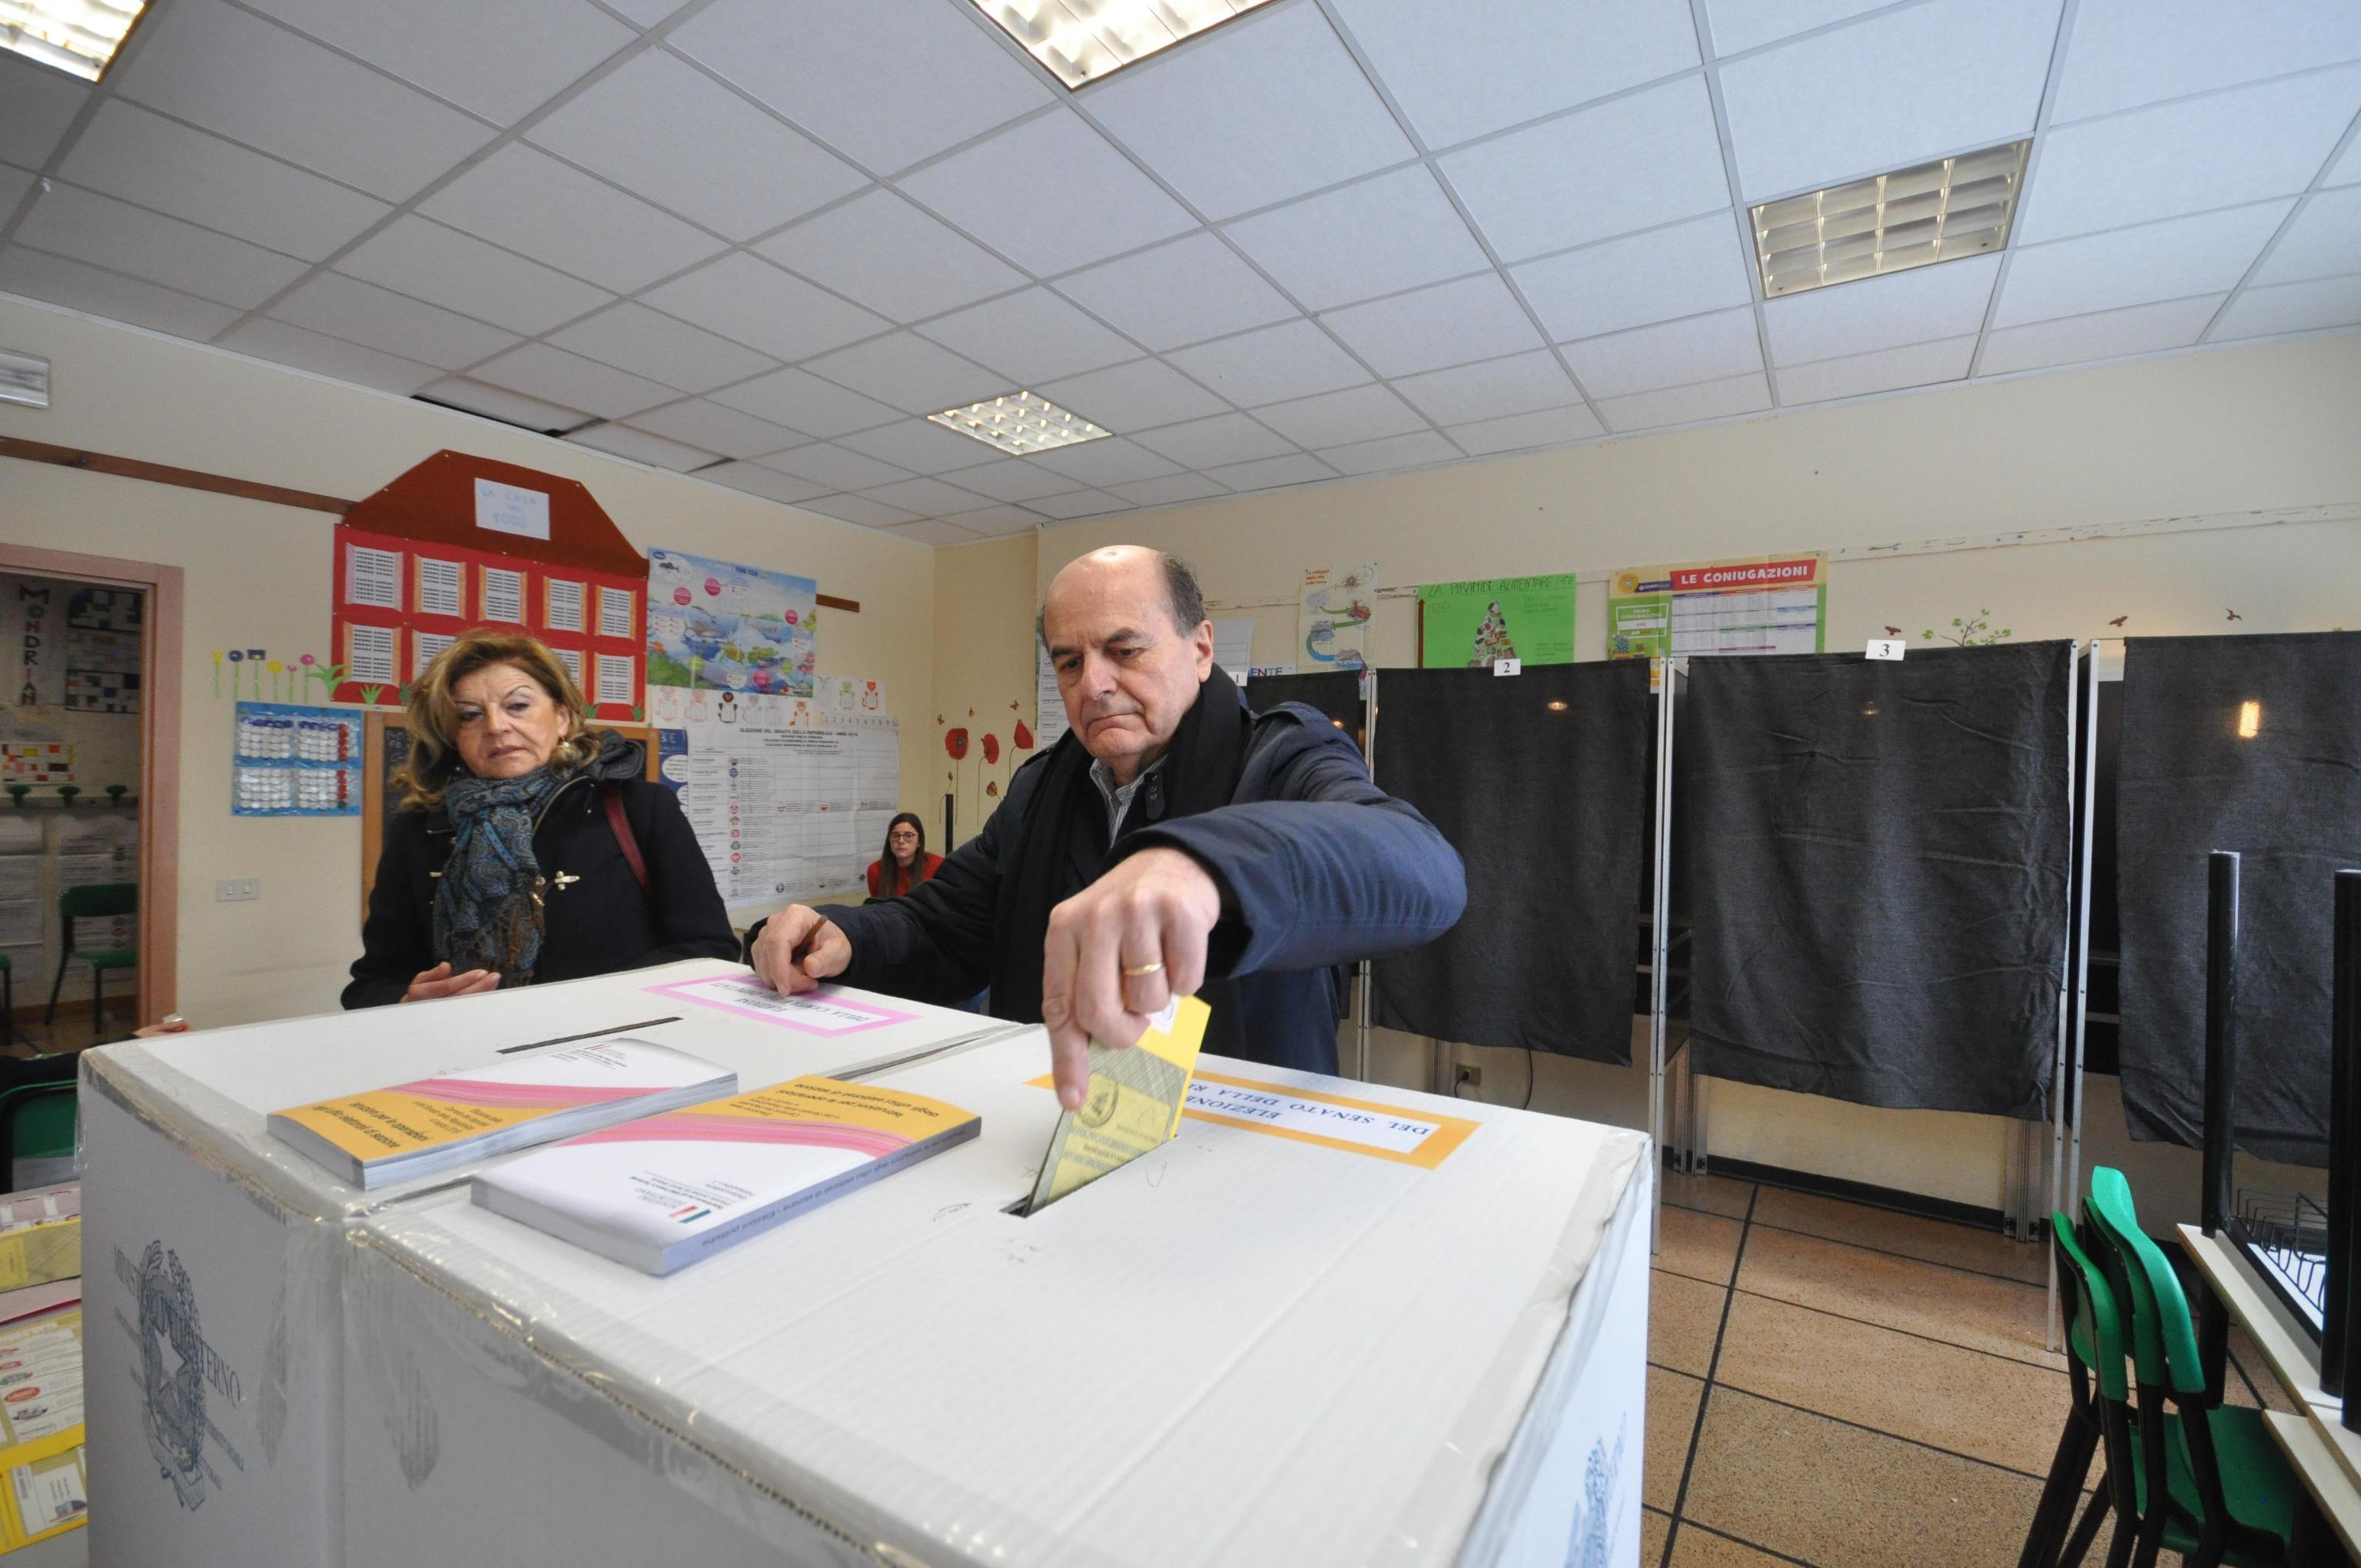 Elezioni 2018, voto Bersani a rischio: infila la scheda lasciando il tagliando